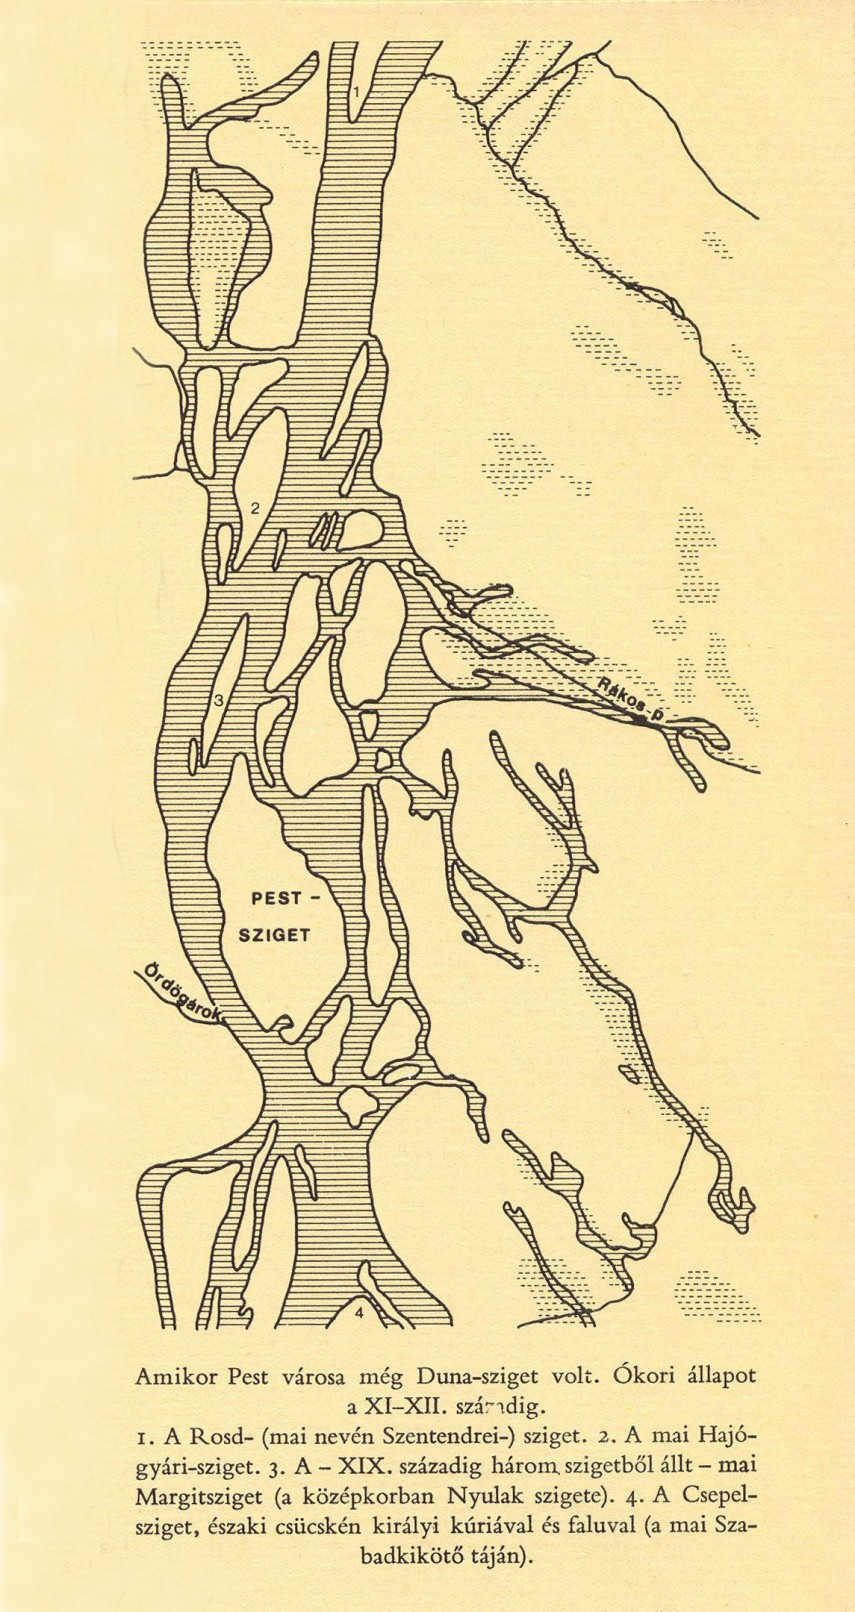 XI.-XII. század, a Duna Pestnél